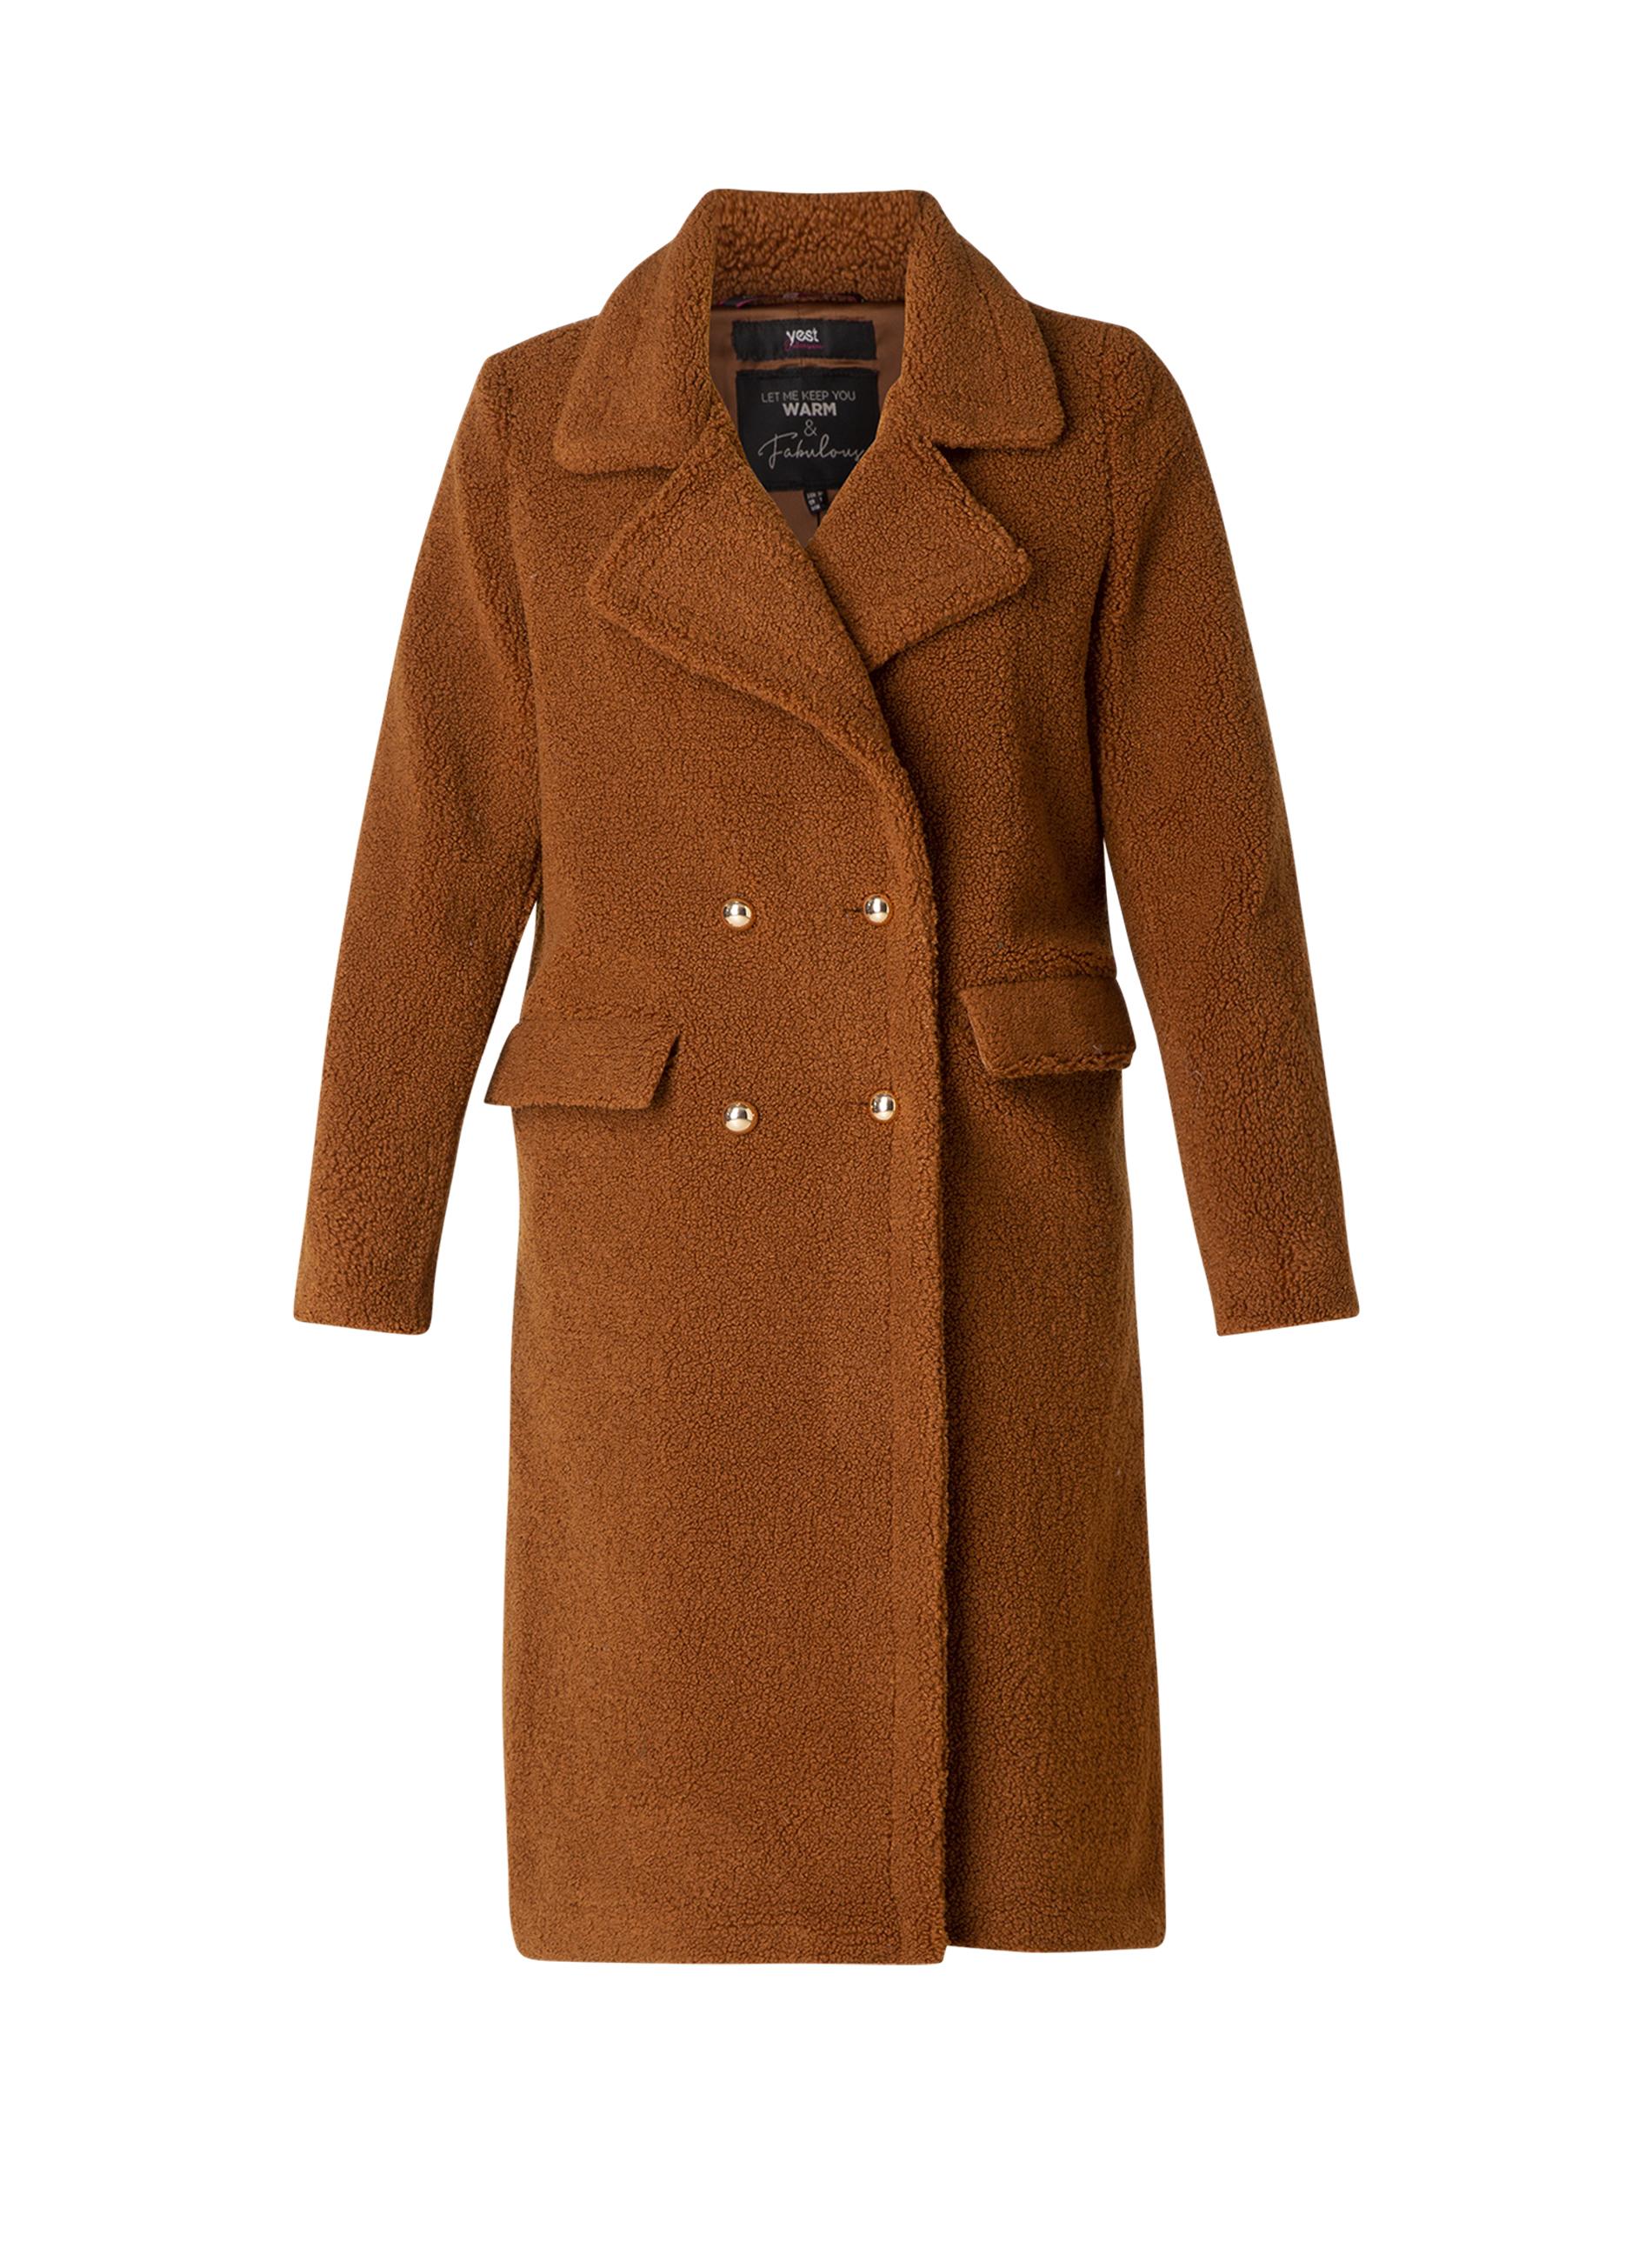 Jas Winter Outerwear Yesta 115 cm